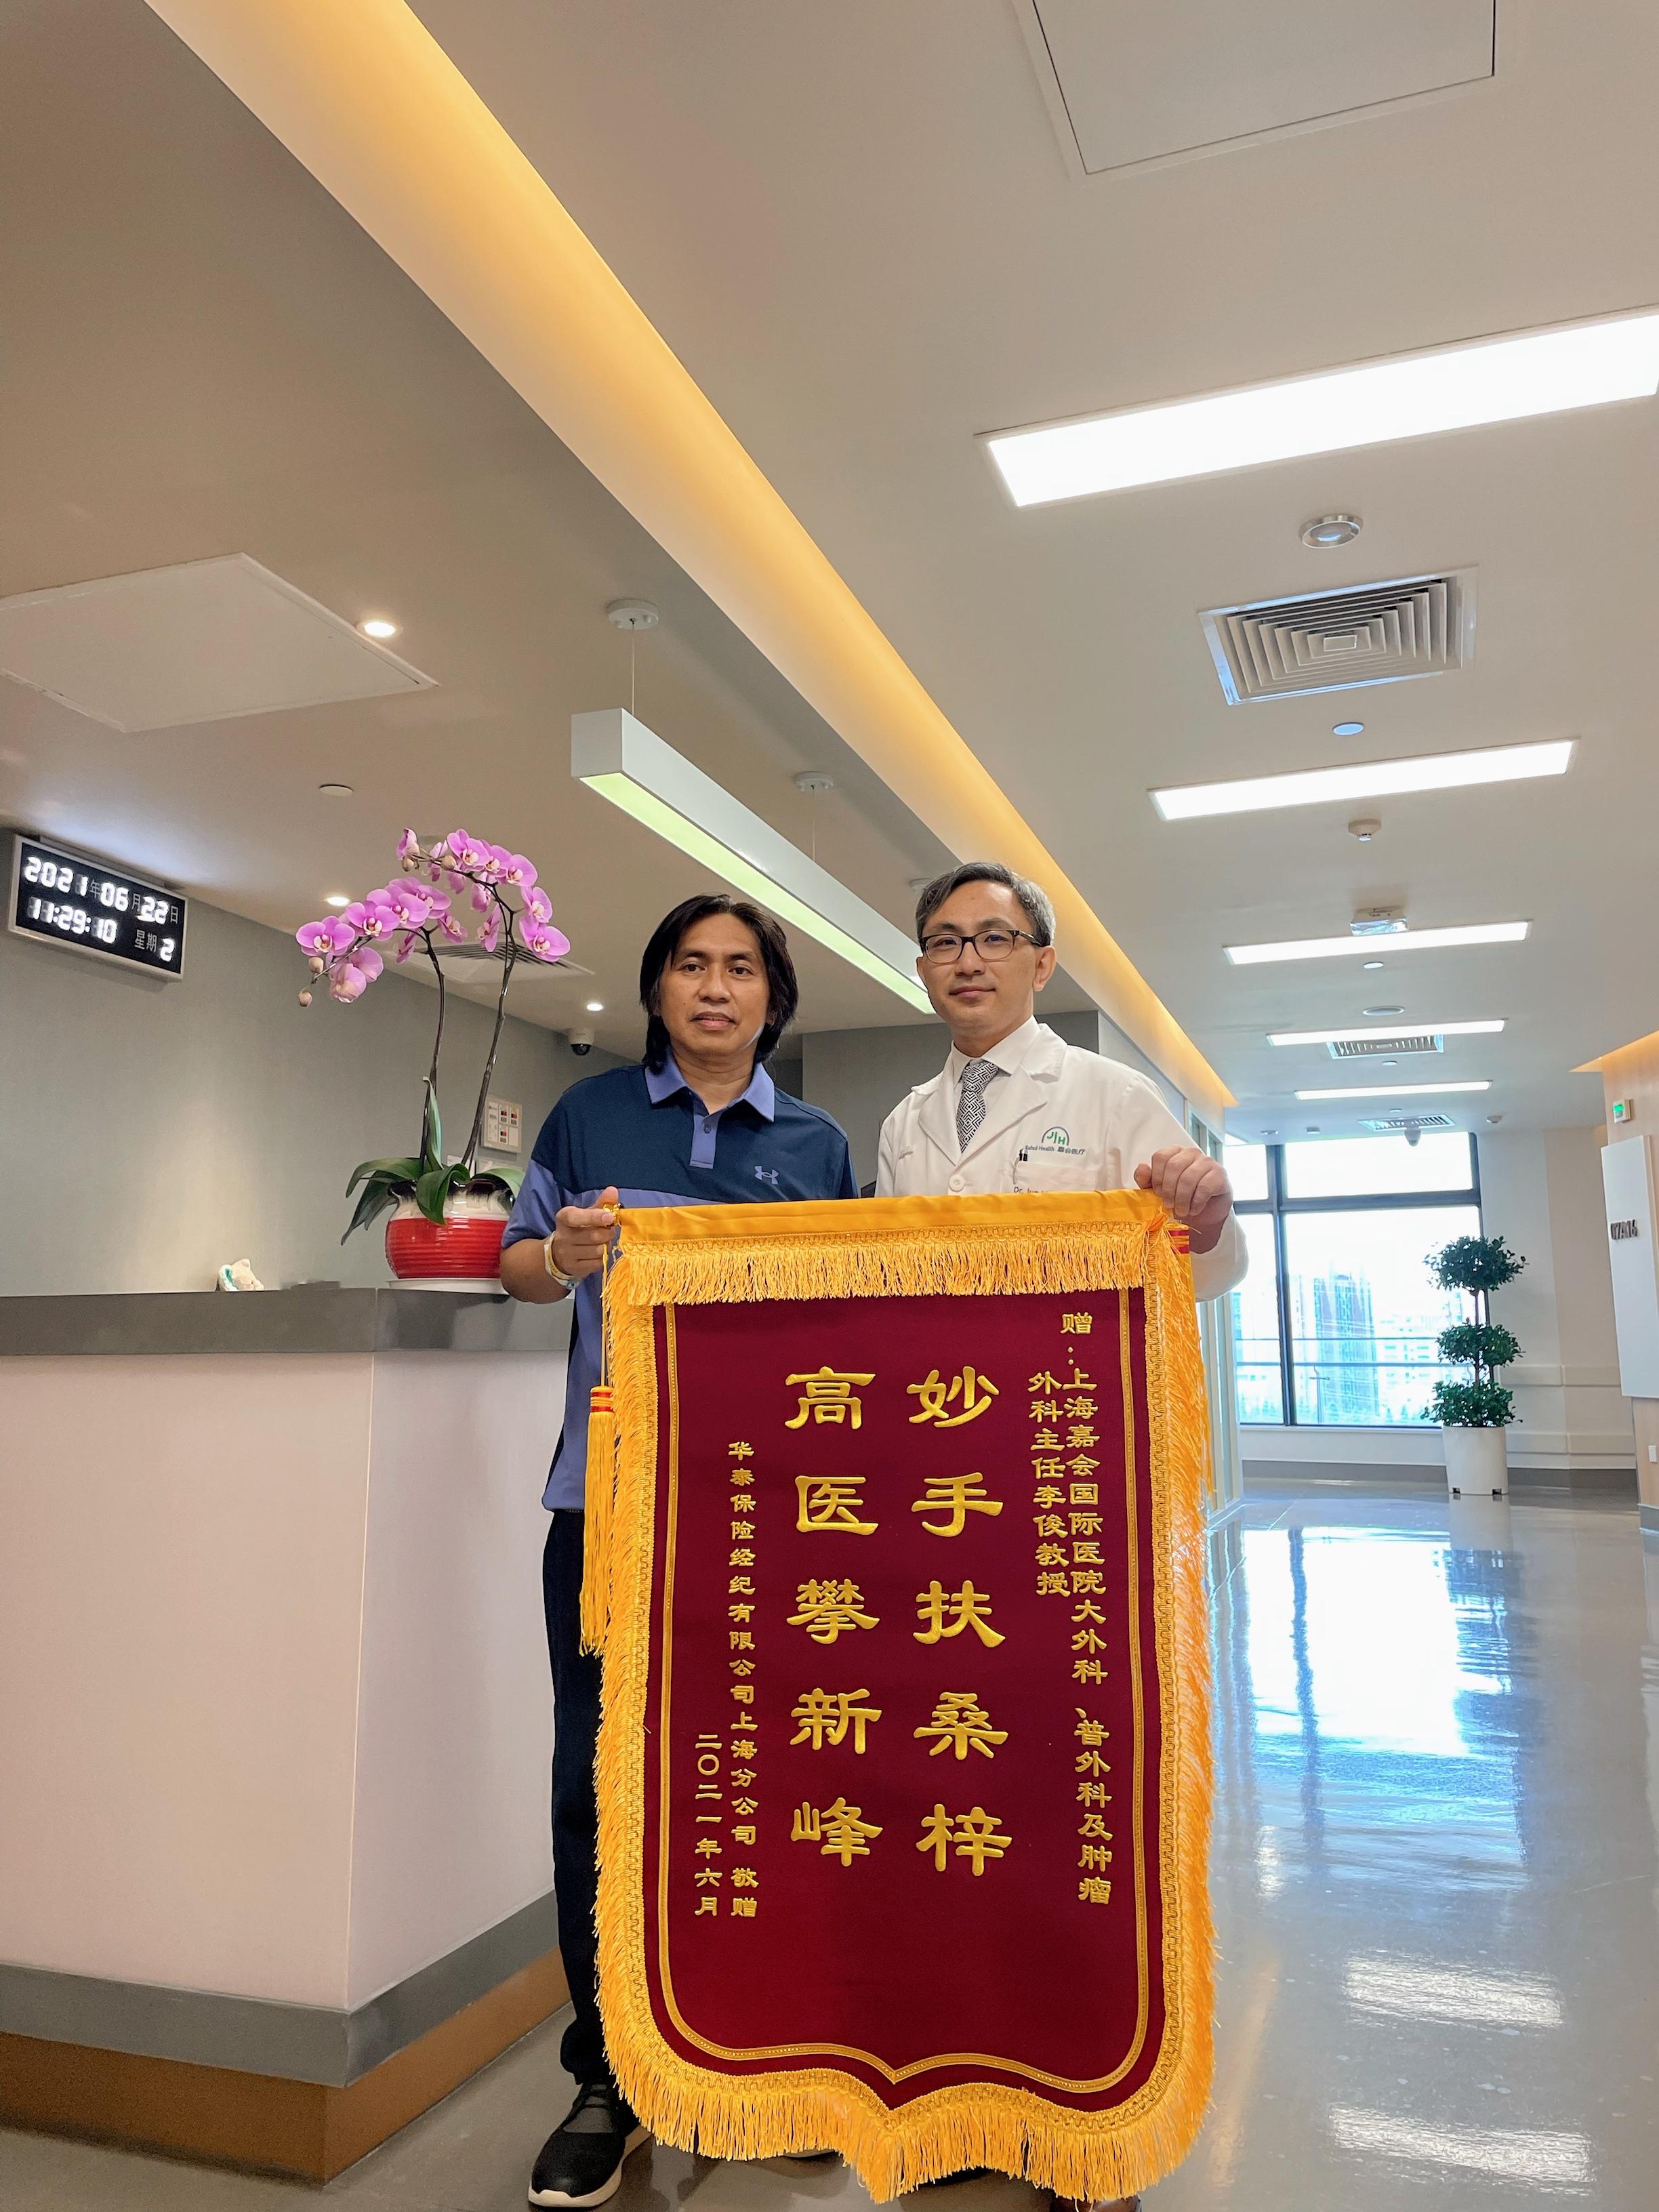 两次被死神拖向生死边缘,是嘉会国际医院李俊医生将他一次次拉了回来